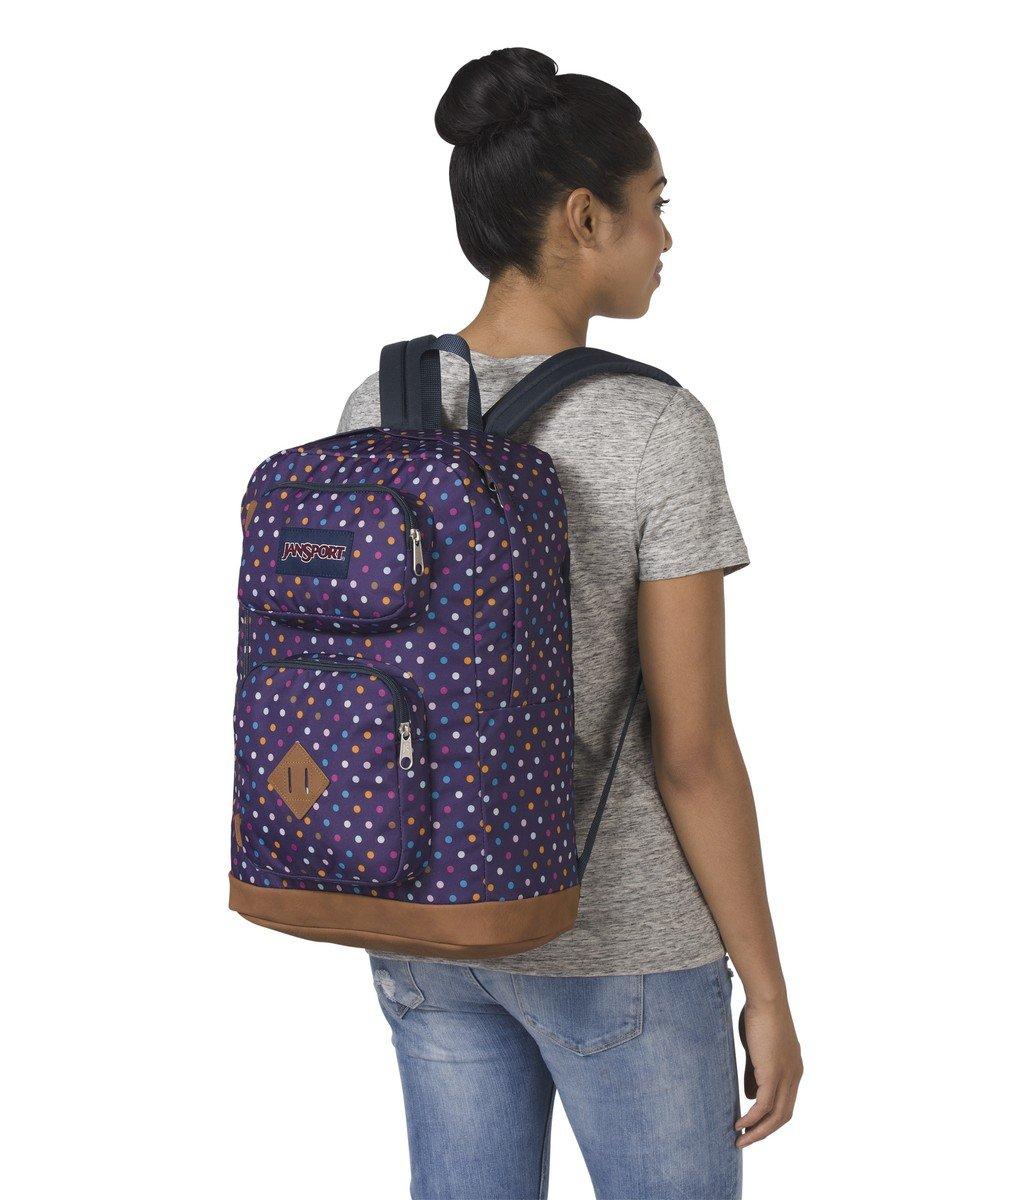 c0a5a5dc70a5 JanSport Austin Backpack- Sale Colors (Purple Spot-O-Rama) - JS00T71A34A    Shops   Clothing